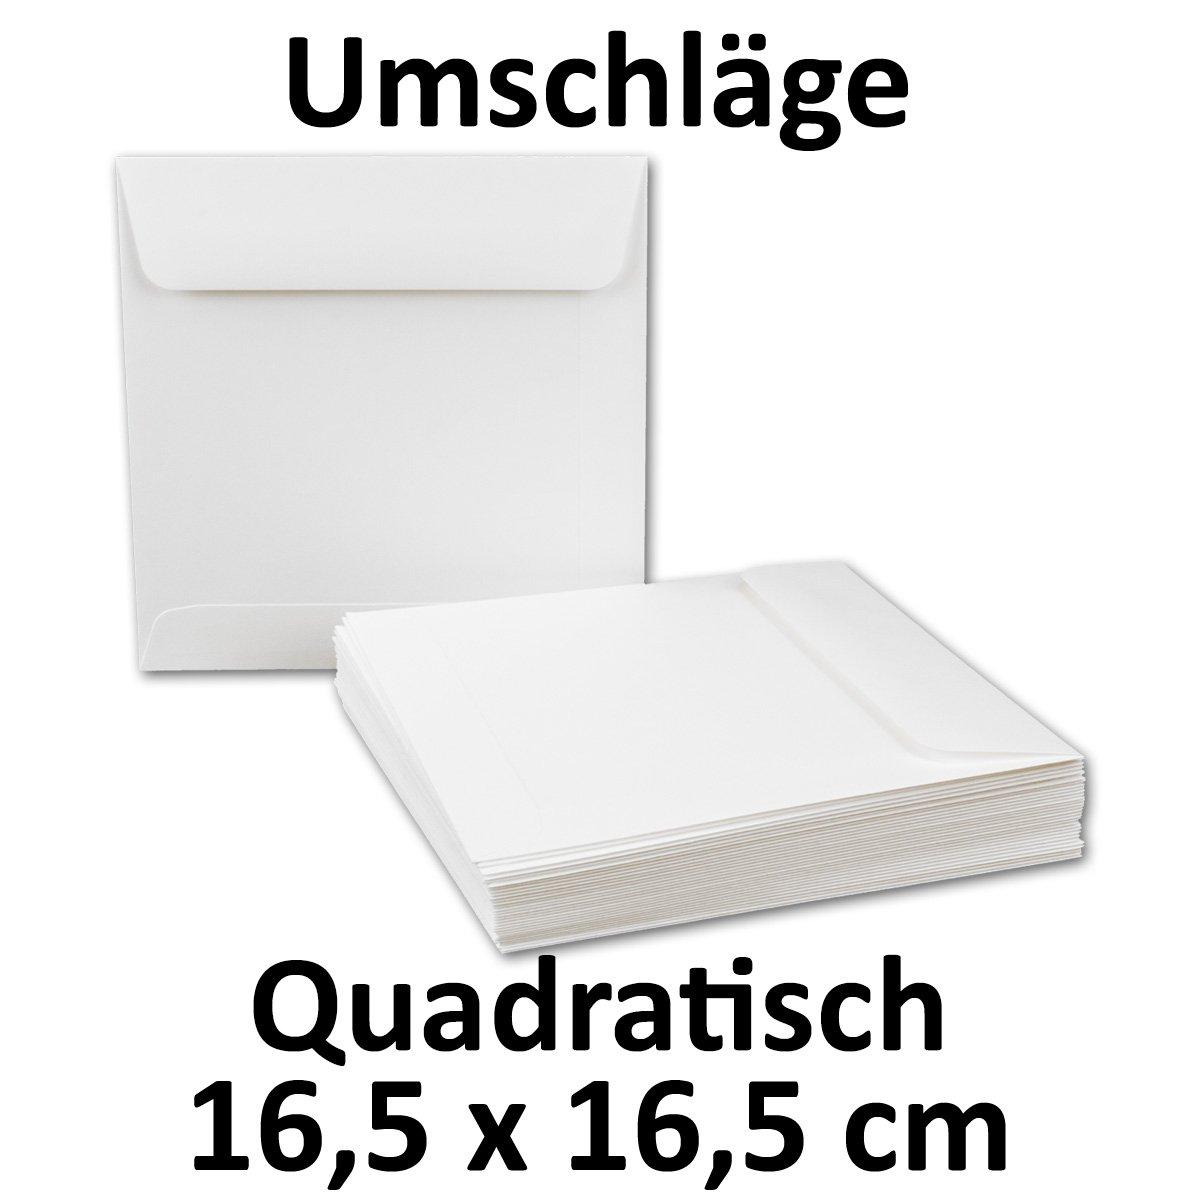 Briefumschläge Quadratisch 220 x x x 220 mm - Weiß   150 Stück   EXTRA QUALITÄT - 100 g m²   22 x 22 cm - Für ganz besondere Anlässe  - Haftklebung - Qualitätsmarke  GUSTAV NEUSER B077GTRSLG | Viele Sorten  78c42a